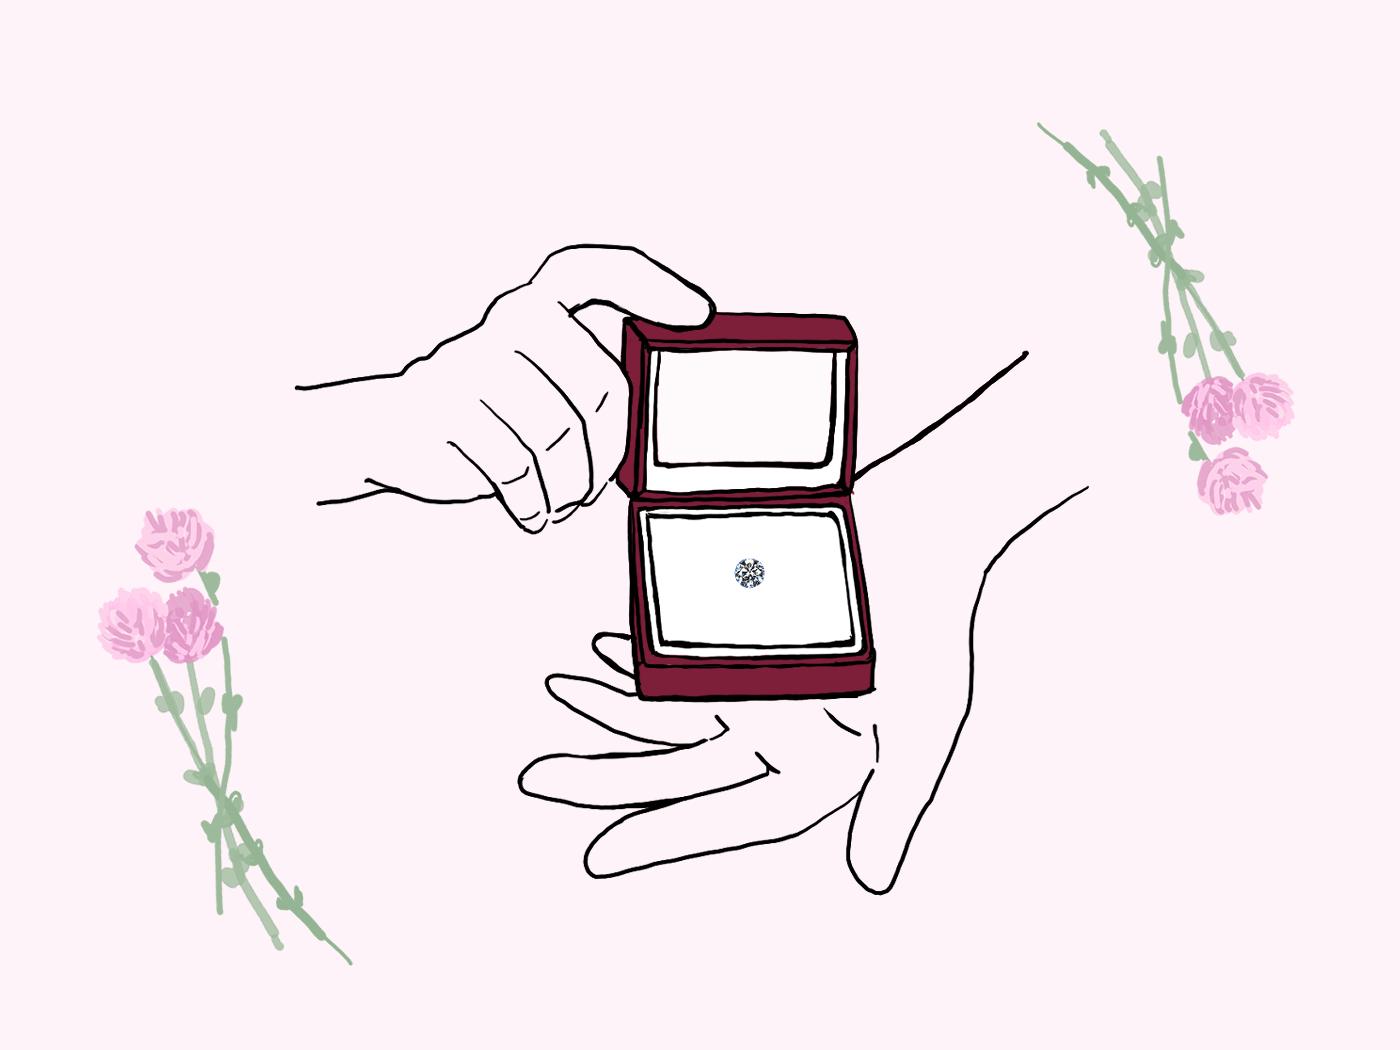 ダイヤモンドのルースでプロポーズするイラスト